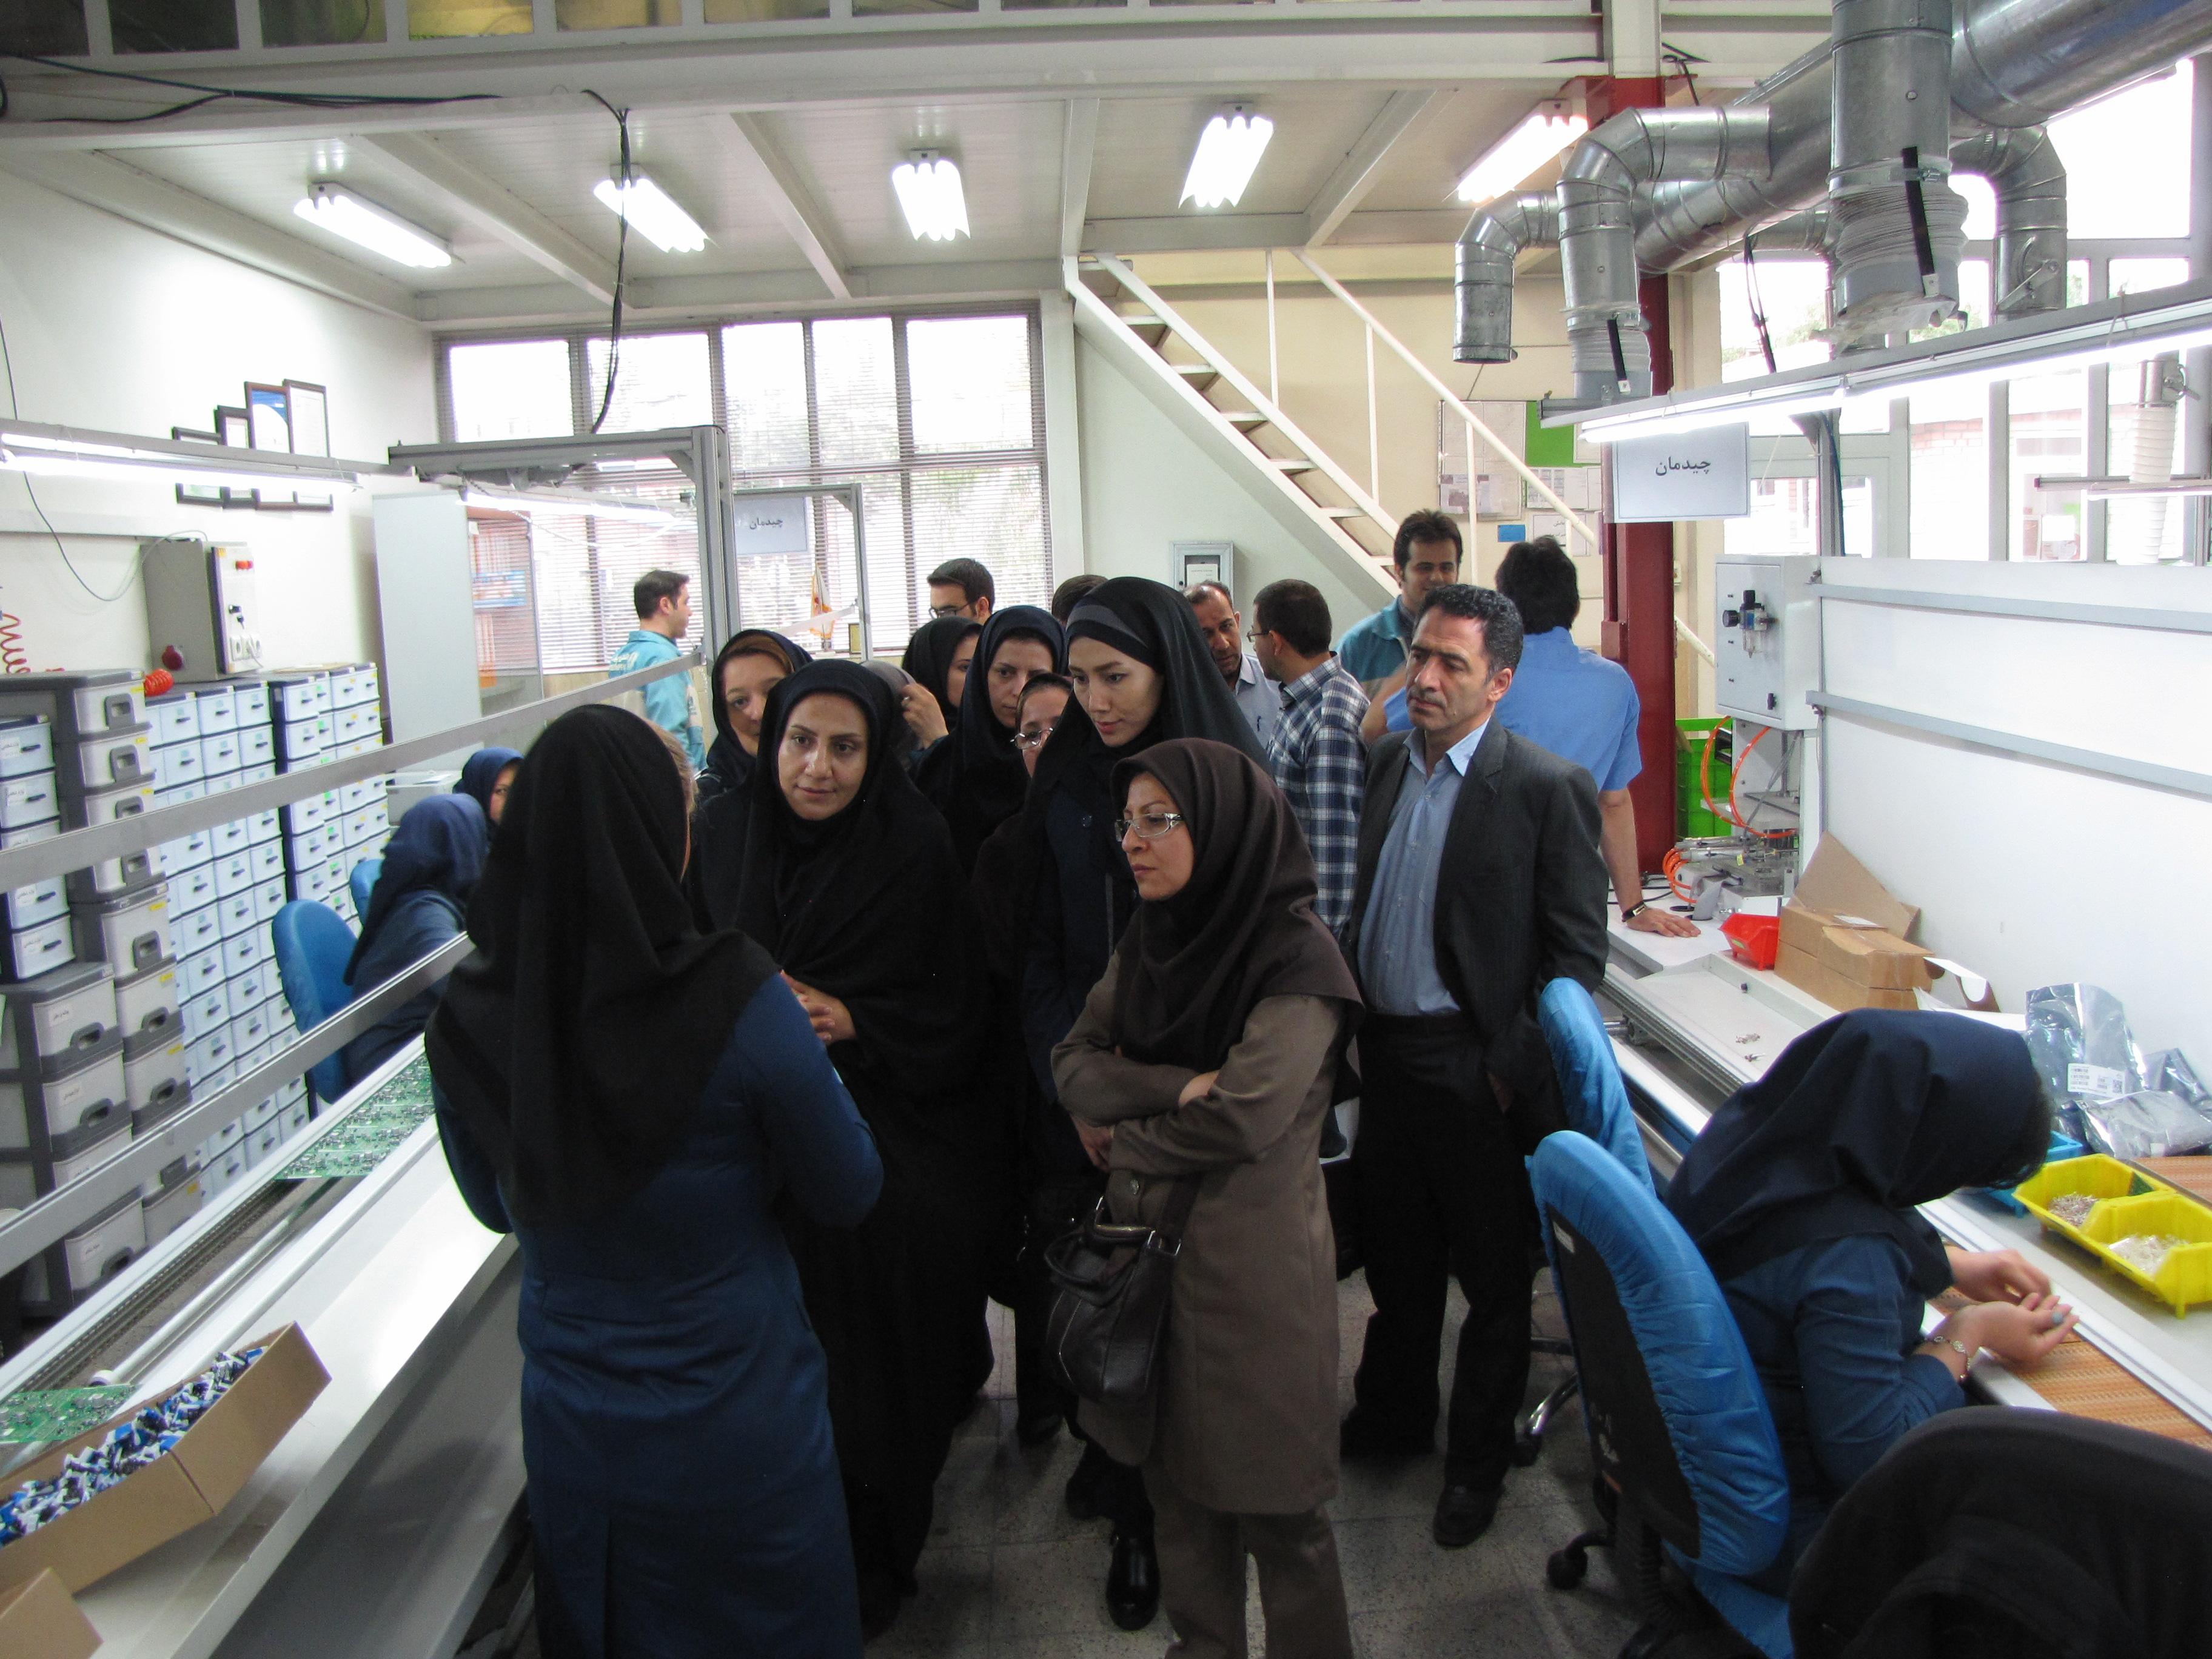 بازدید تعدادی از دبیران الکترونیک هنرستان های تهران از الکتروپیک